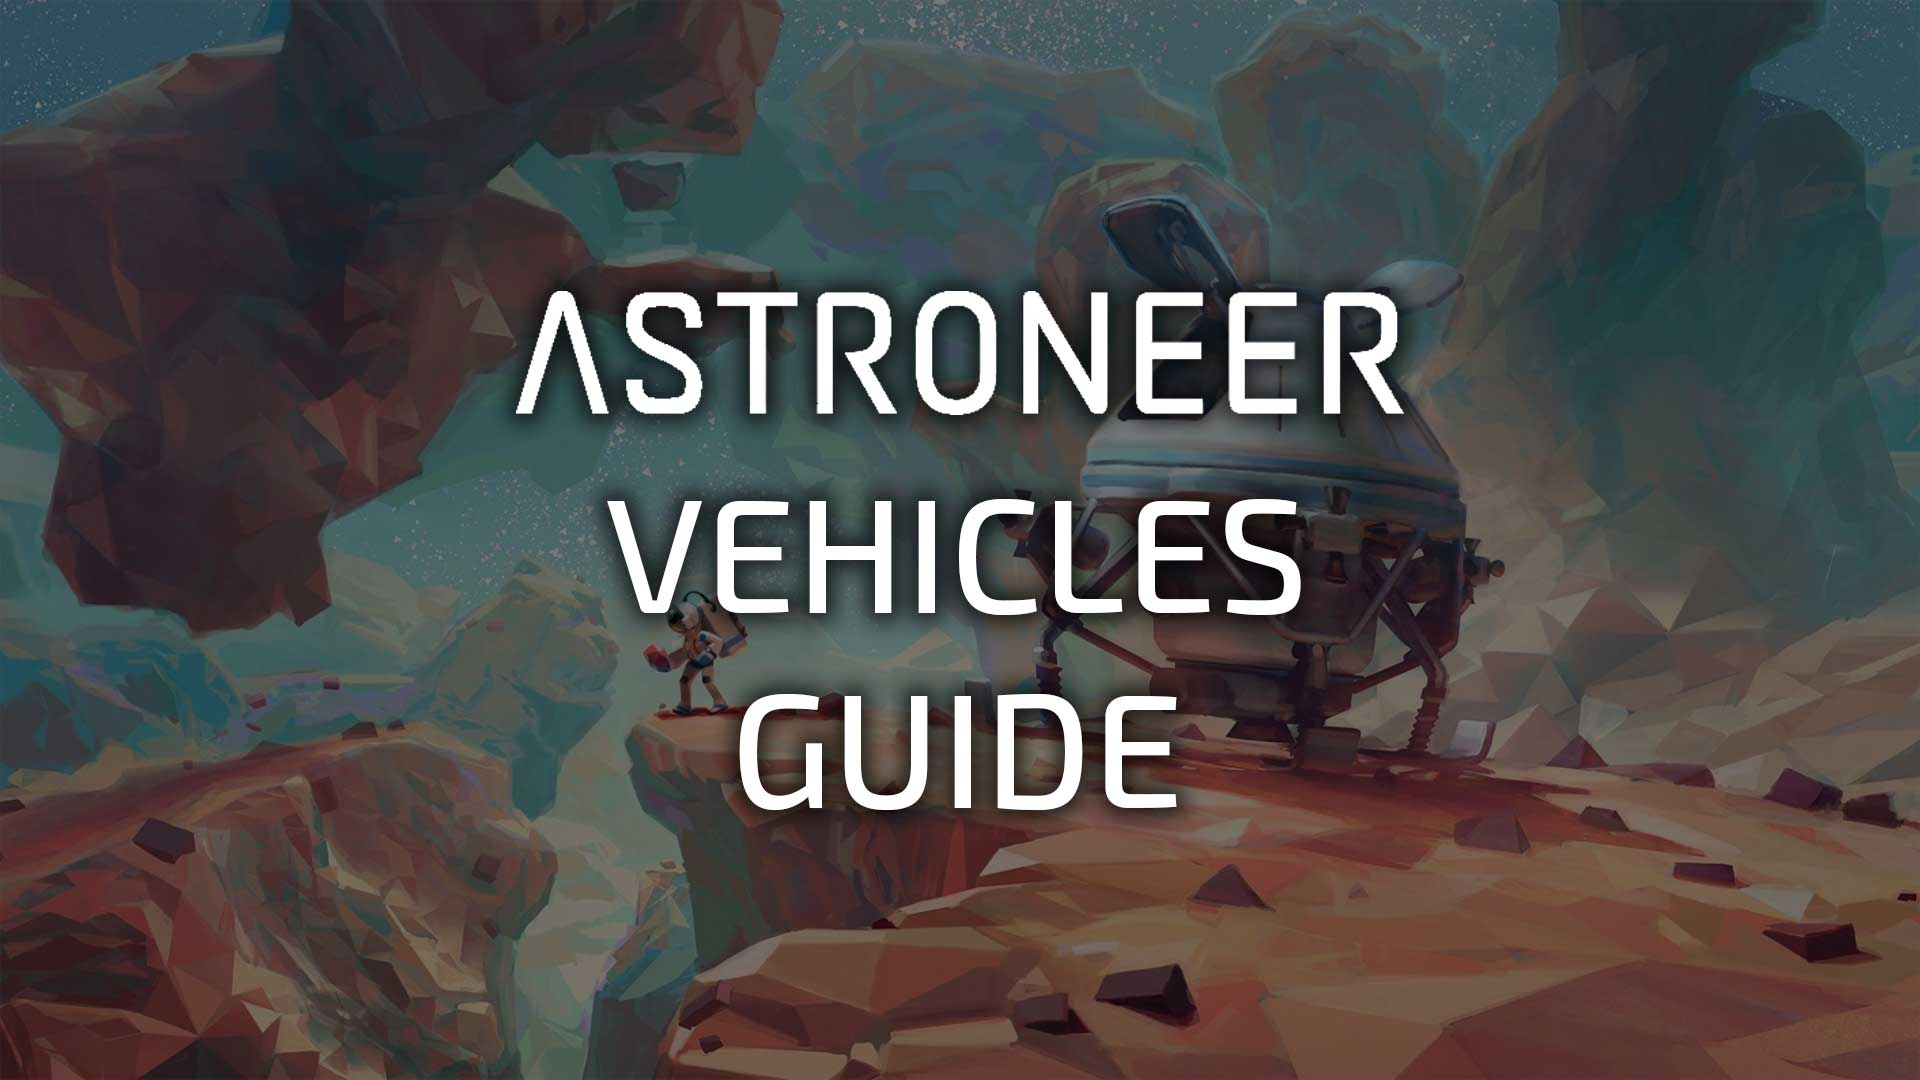 astroneer vehicles